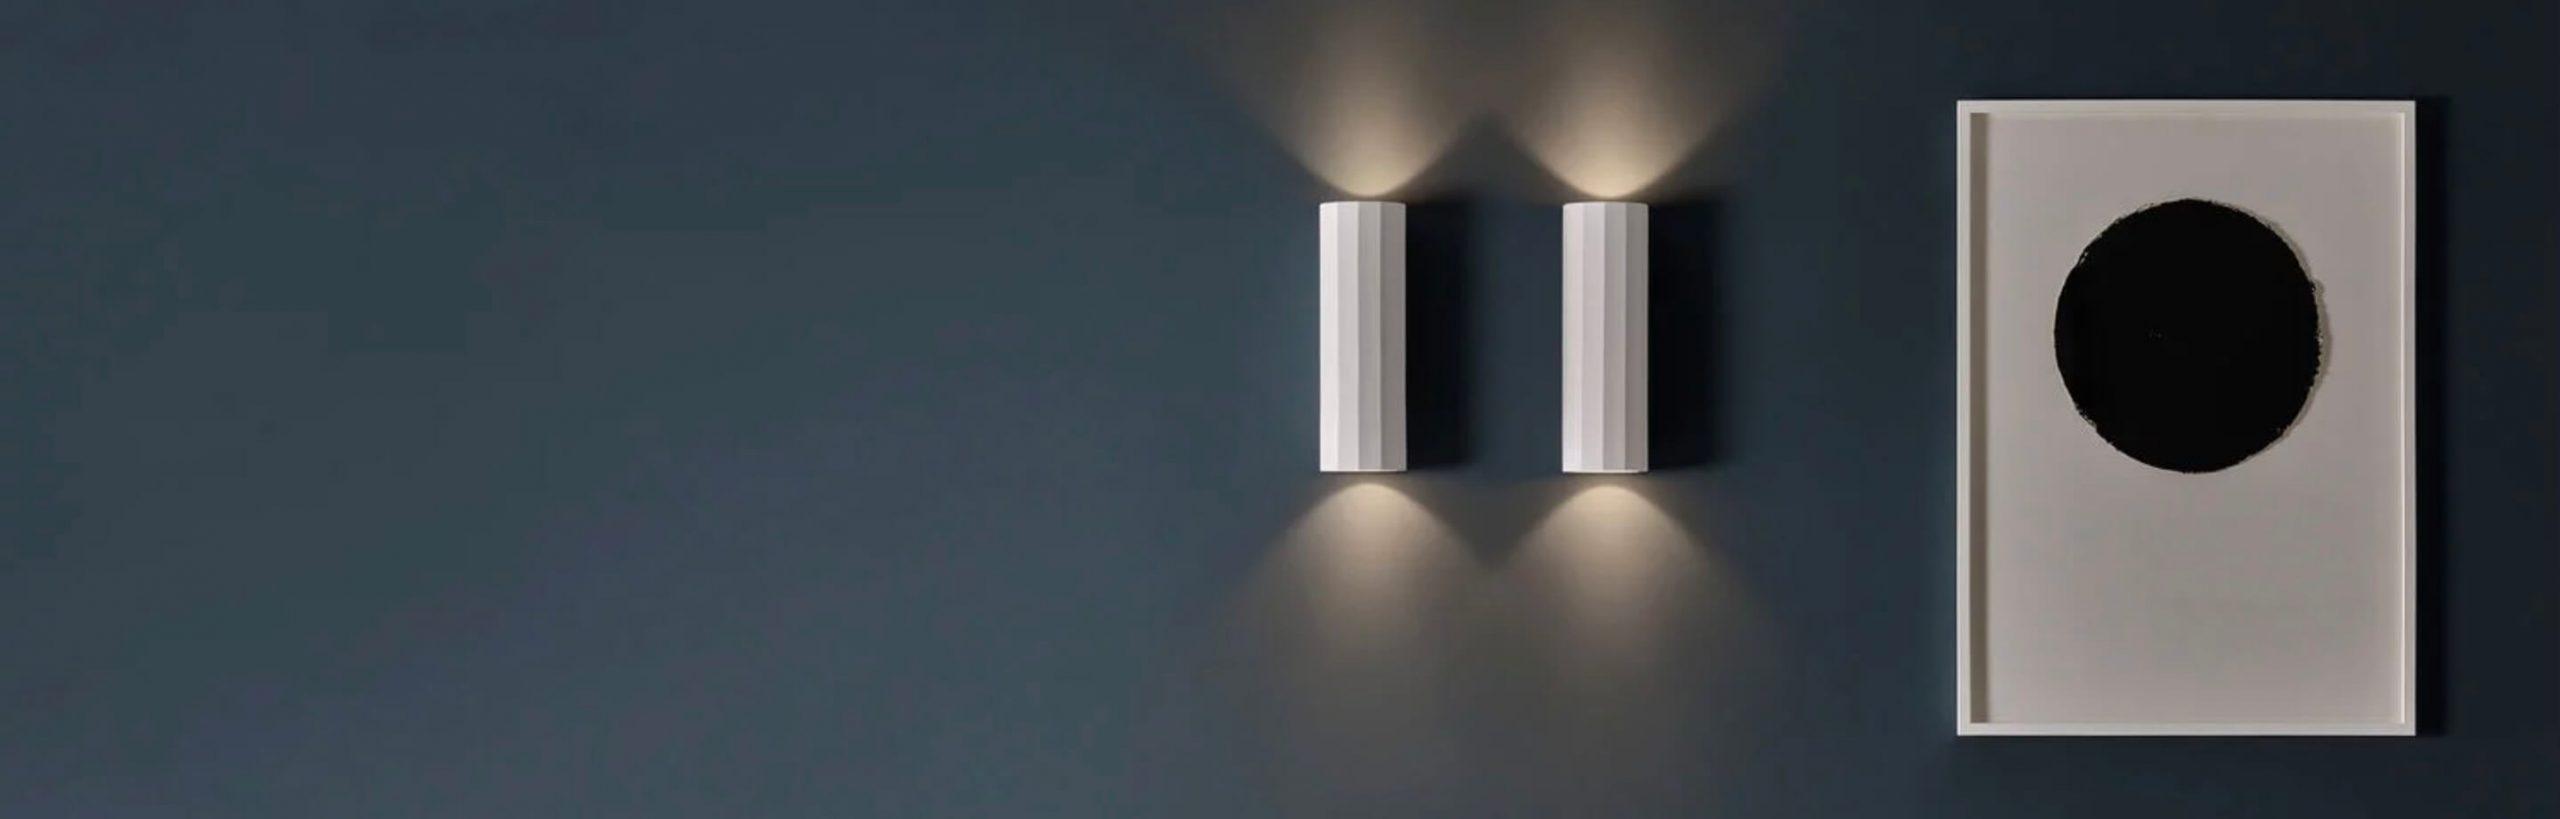 Astro lighting banner